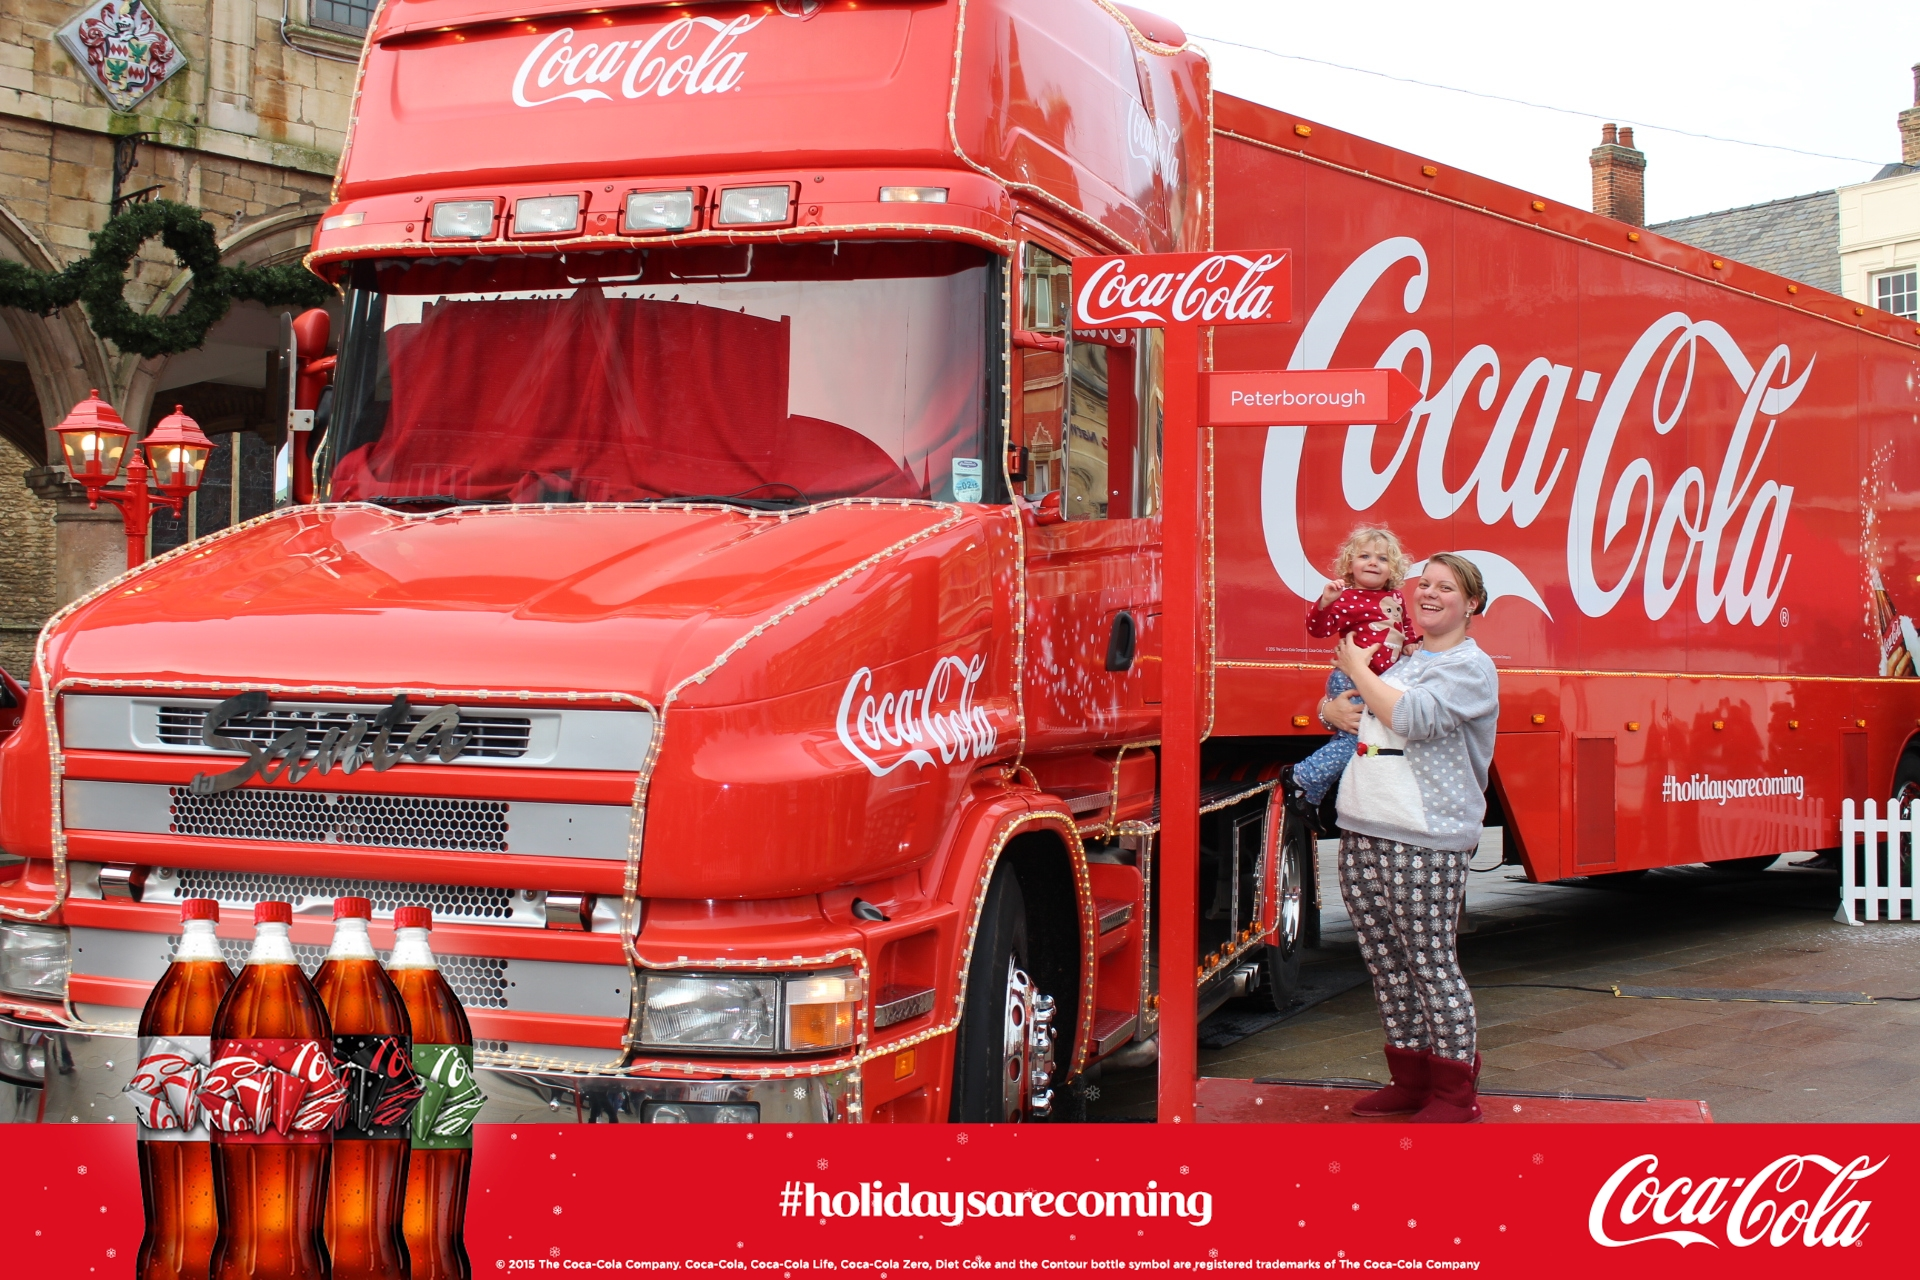 Coca Cola Truck Tour 2015 Peterborough